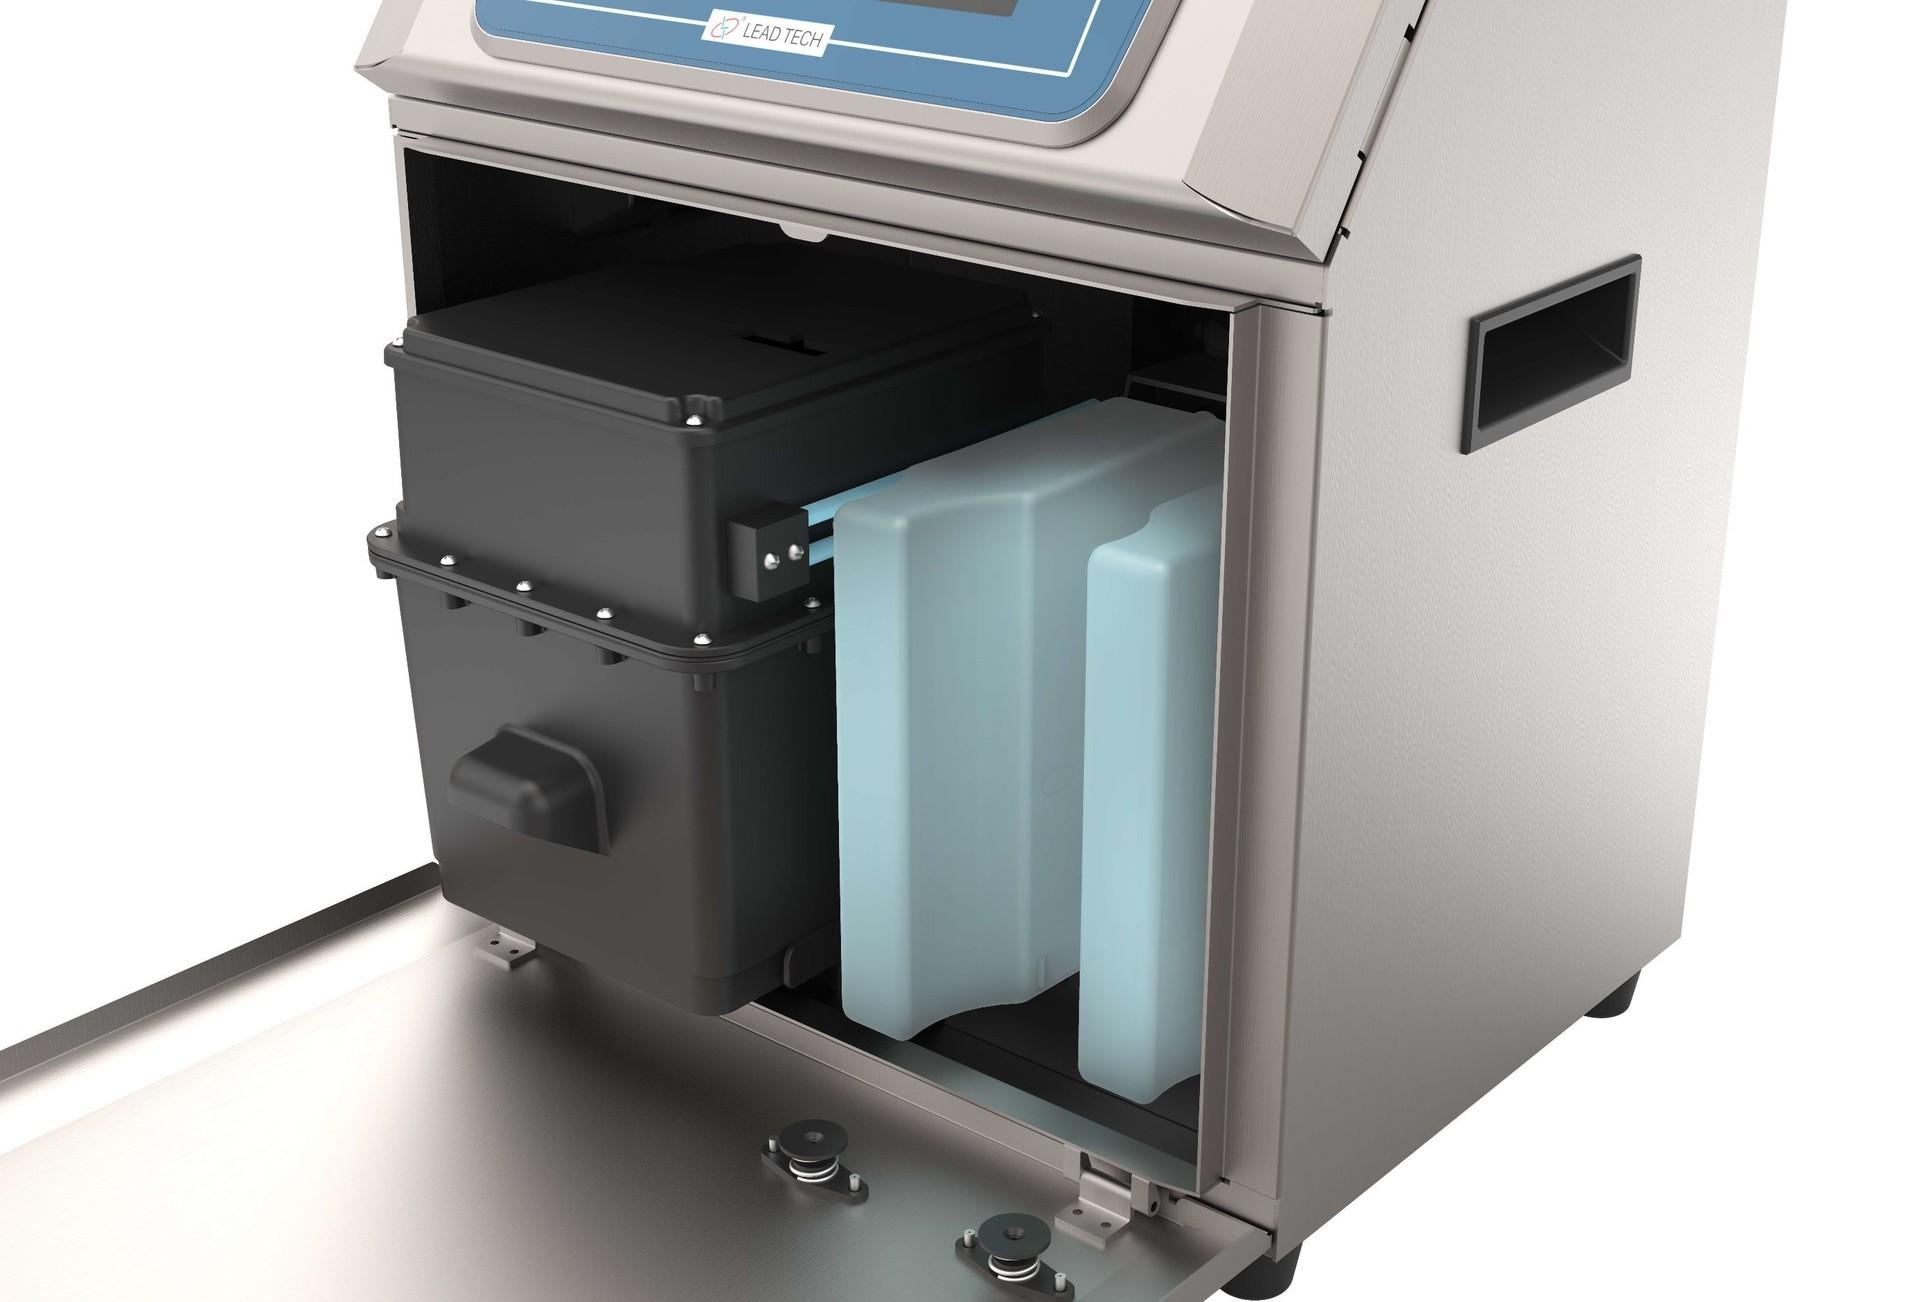 Lead Tech Lt800 Date Bottle Cij Inkjet Printer